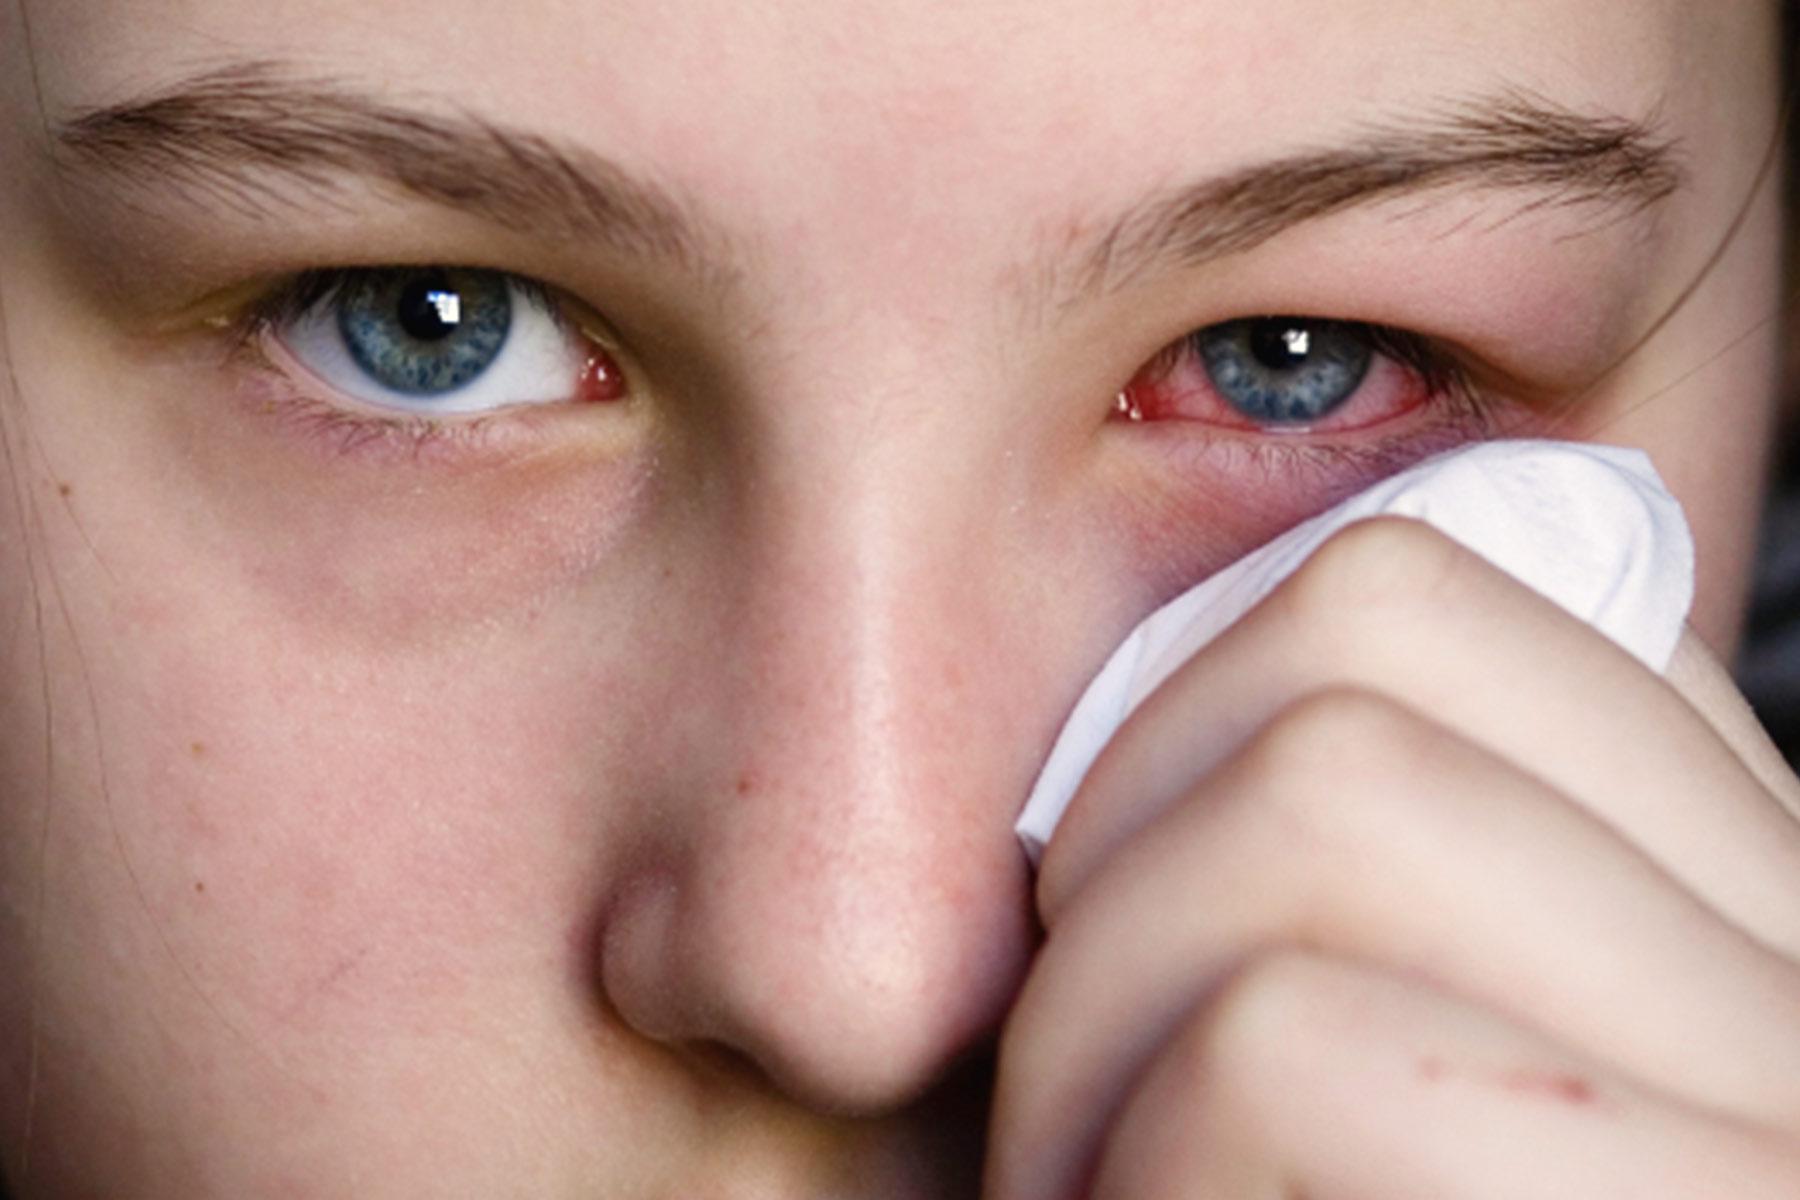 أمراض العين الشائعة..كيف تحافظ على صحة وسلامة عينيك؟